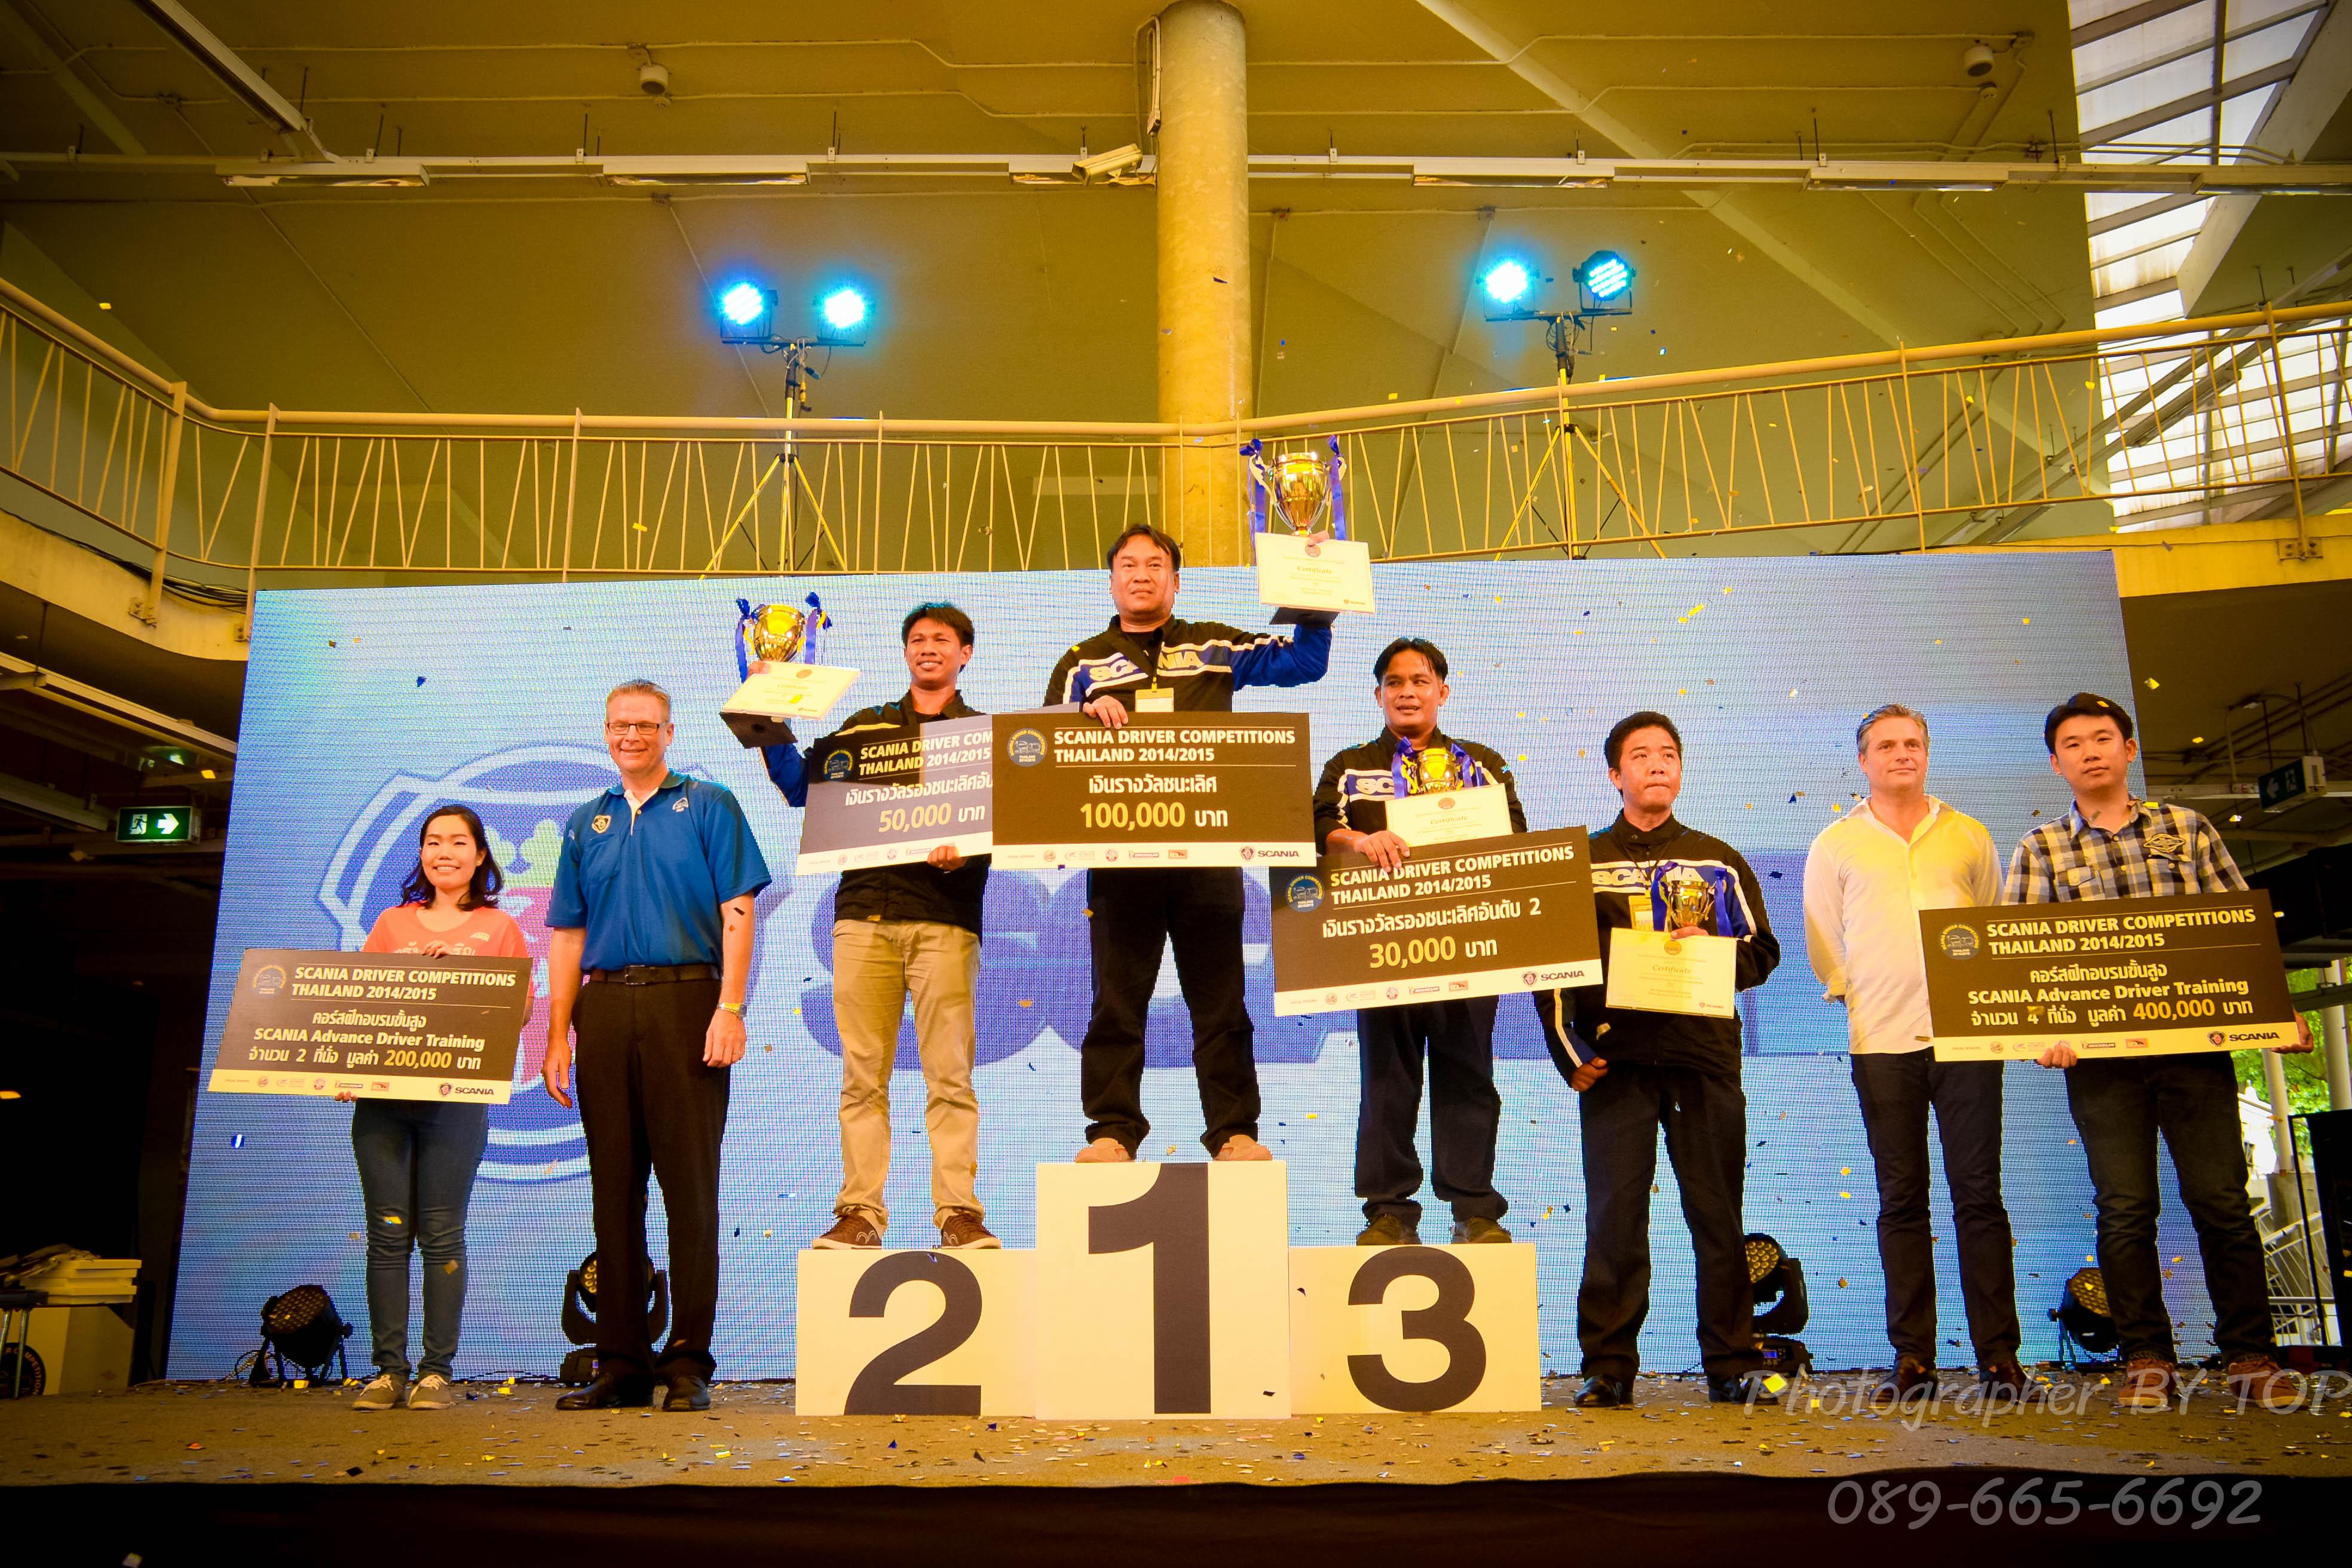 สมบัติทัวร์เข้าร่วมการแข่งขันทักษะการขับขี่รถโดยสาร รอบชิงชนะเลิศ